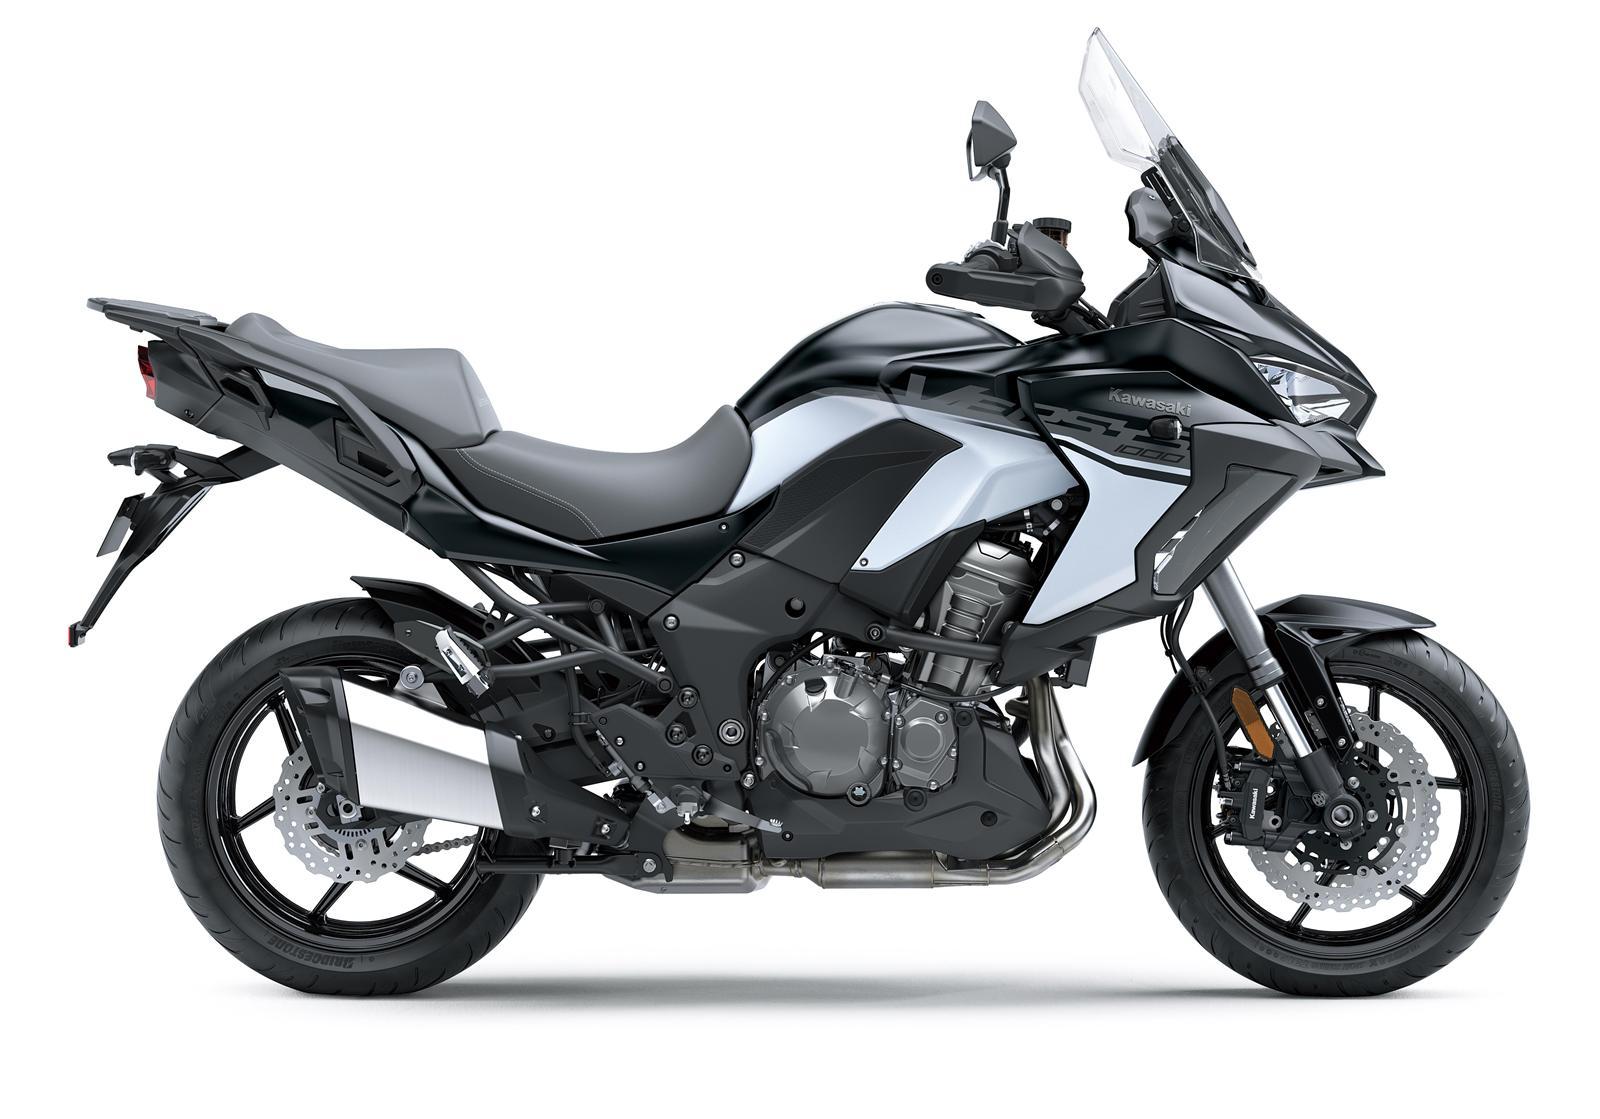 Kawasaki Versys 1000 STD Image